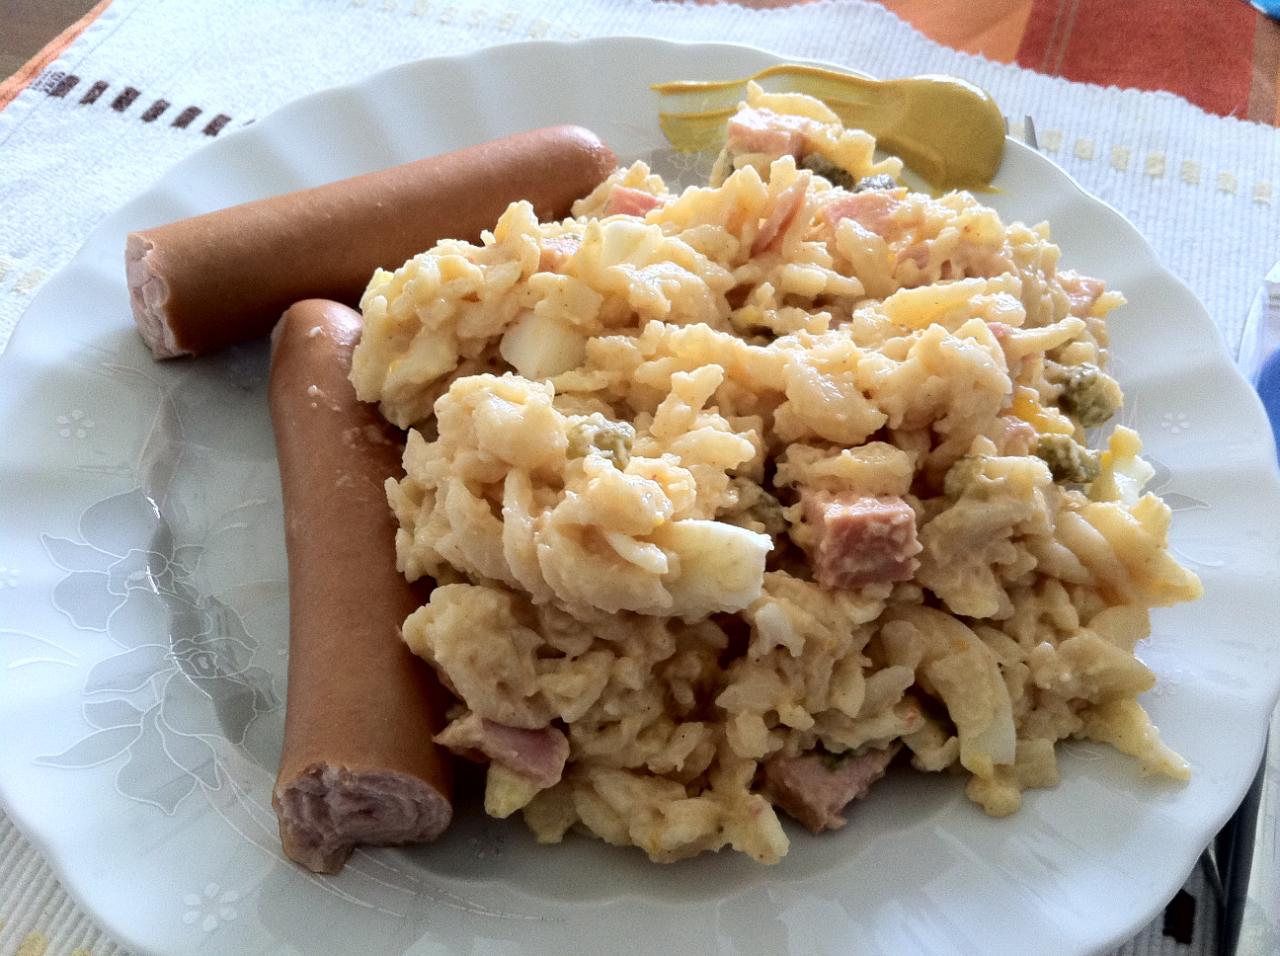 Nudelsalat mit Wurst und Senf auf Teller